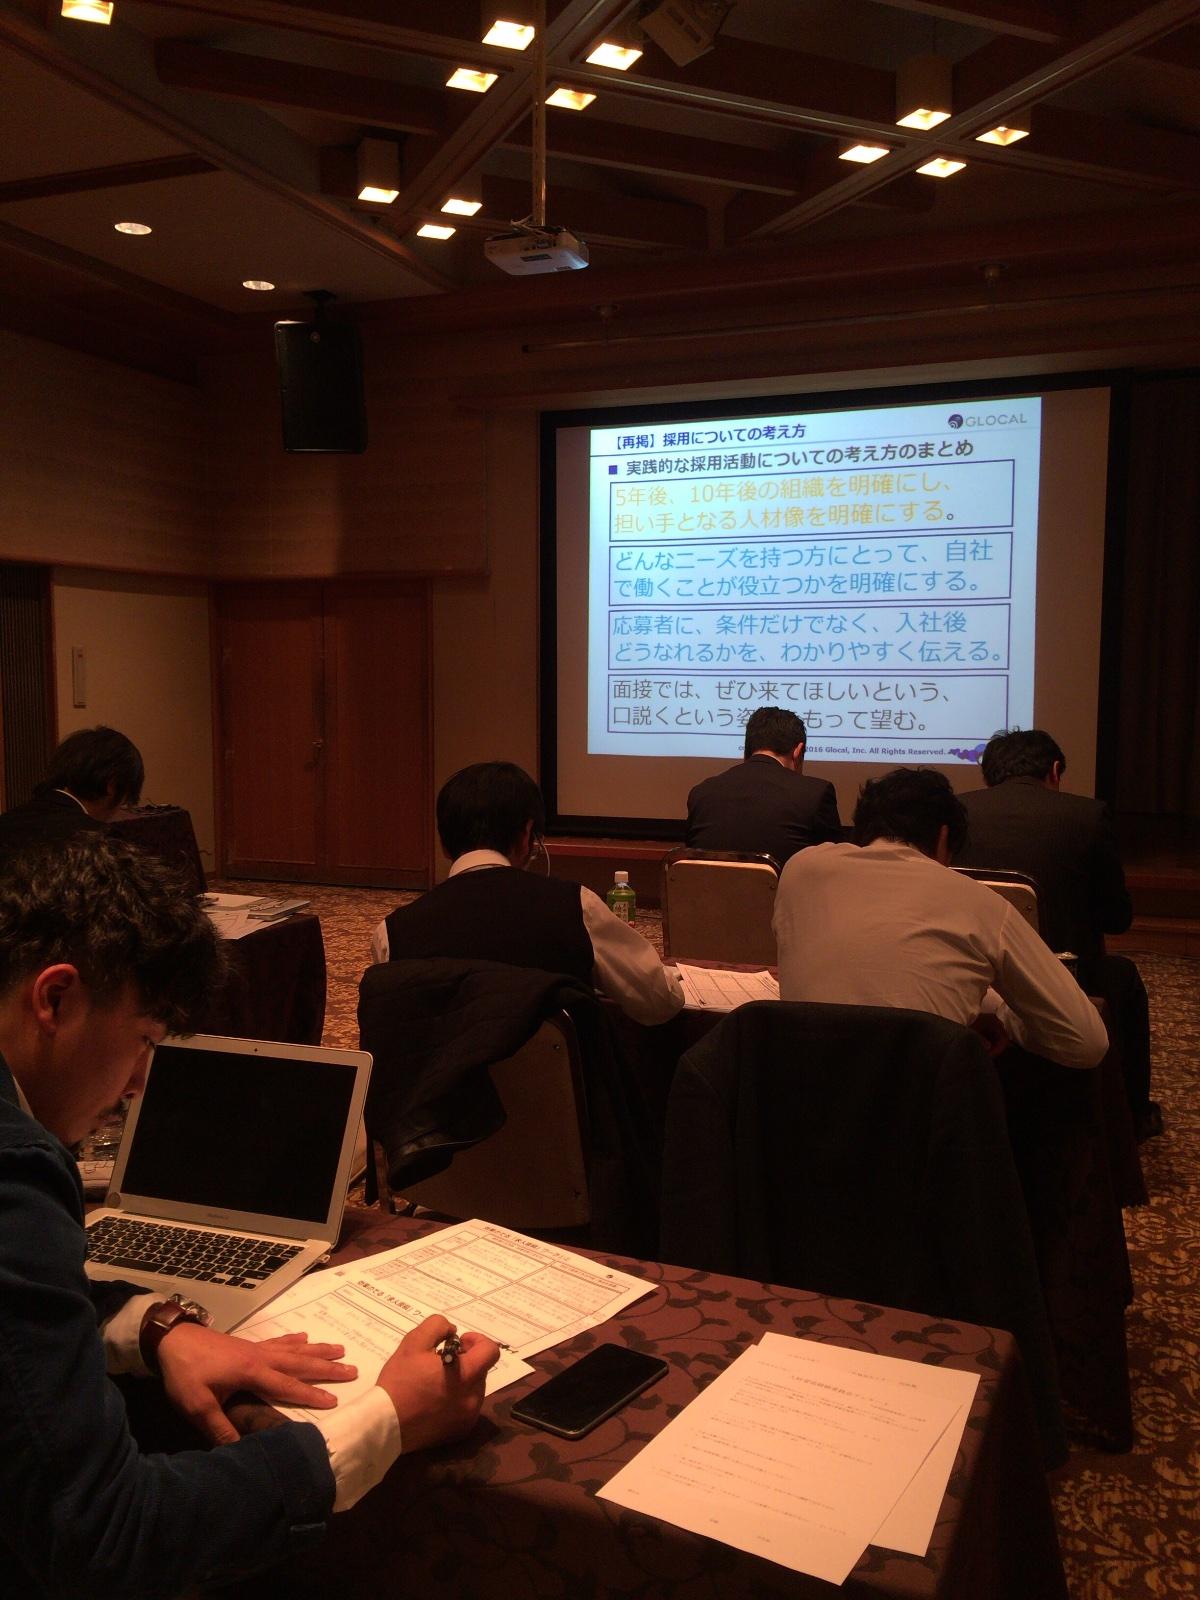 【時代が求めるのは万人受けする情報か?】栃木県道の駅連絡協議会にてWEB集客活用についての講演を実施しました。のサムネイル